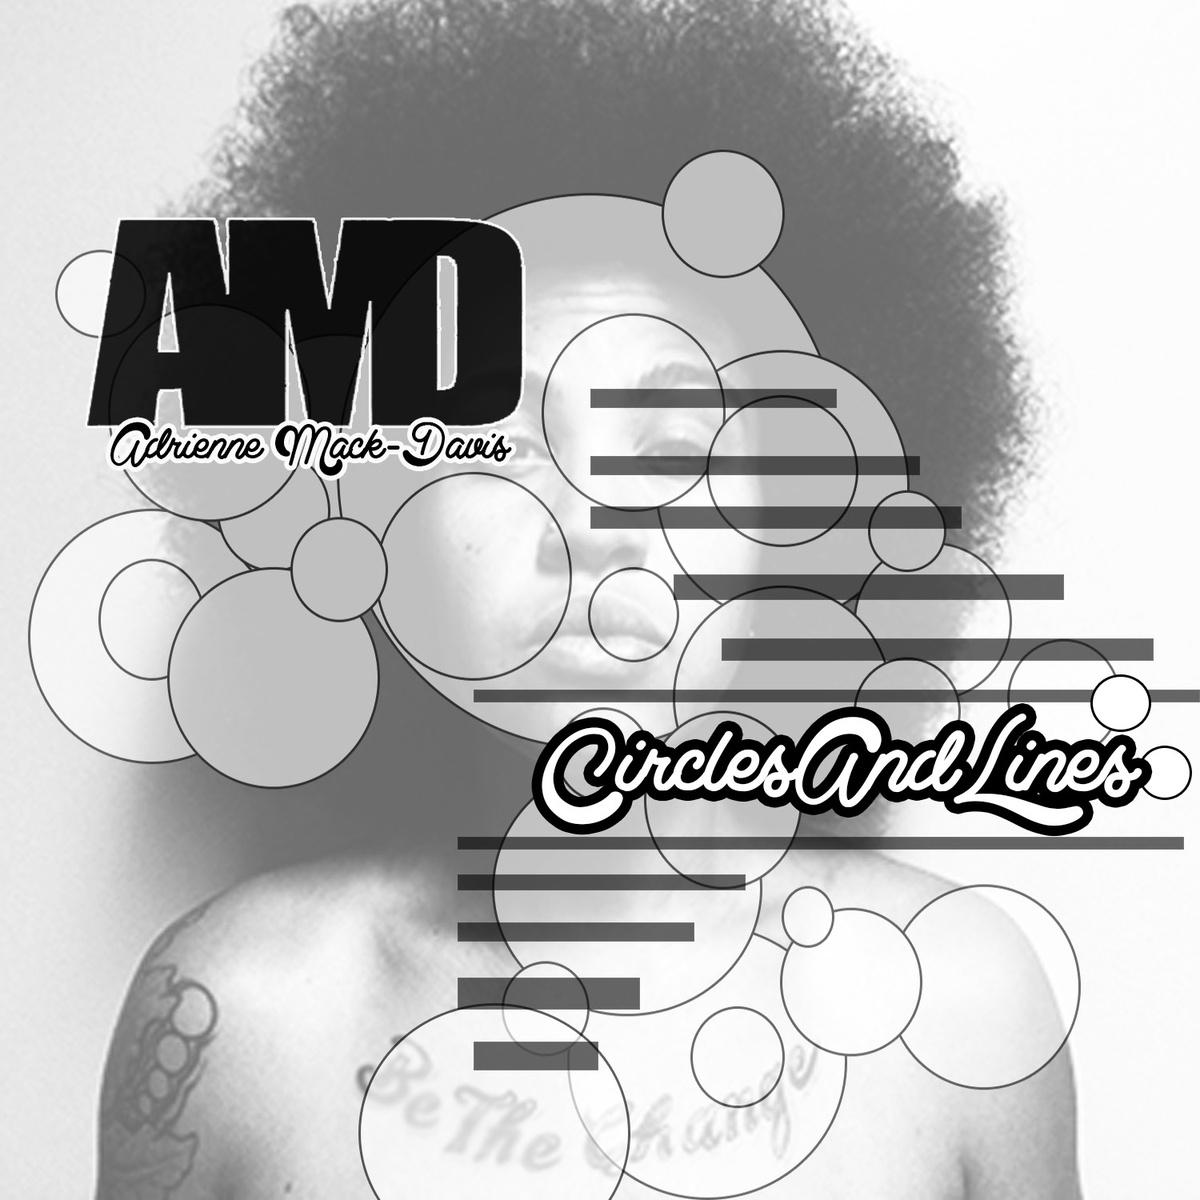 Adrienne Mack-Davis - CirclesAndLines